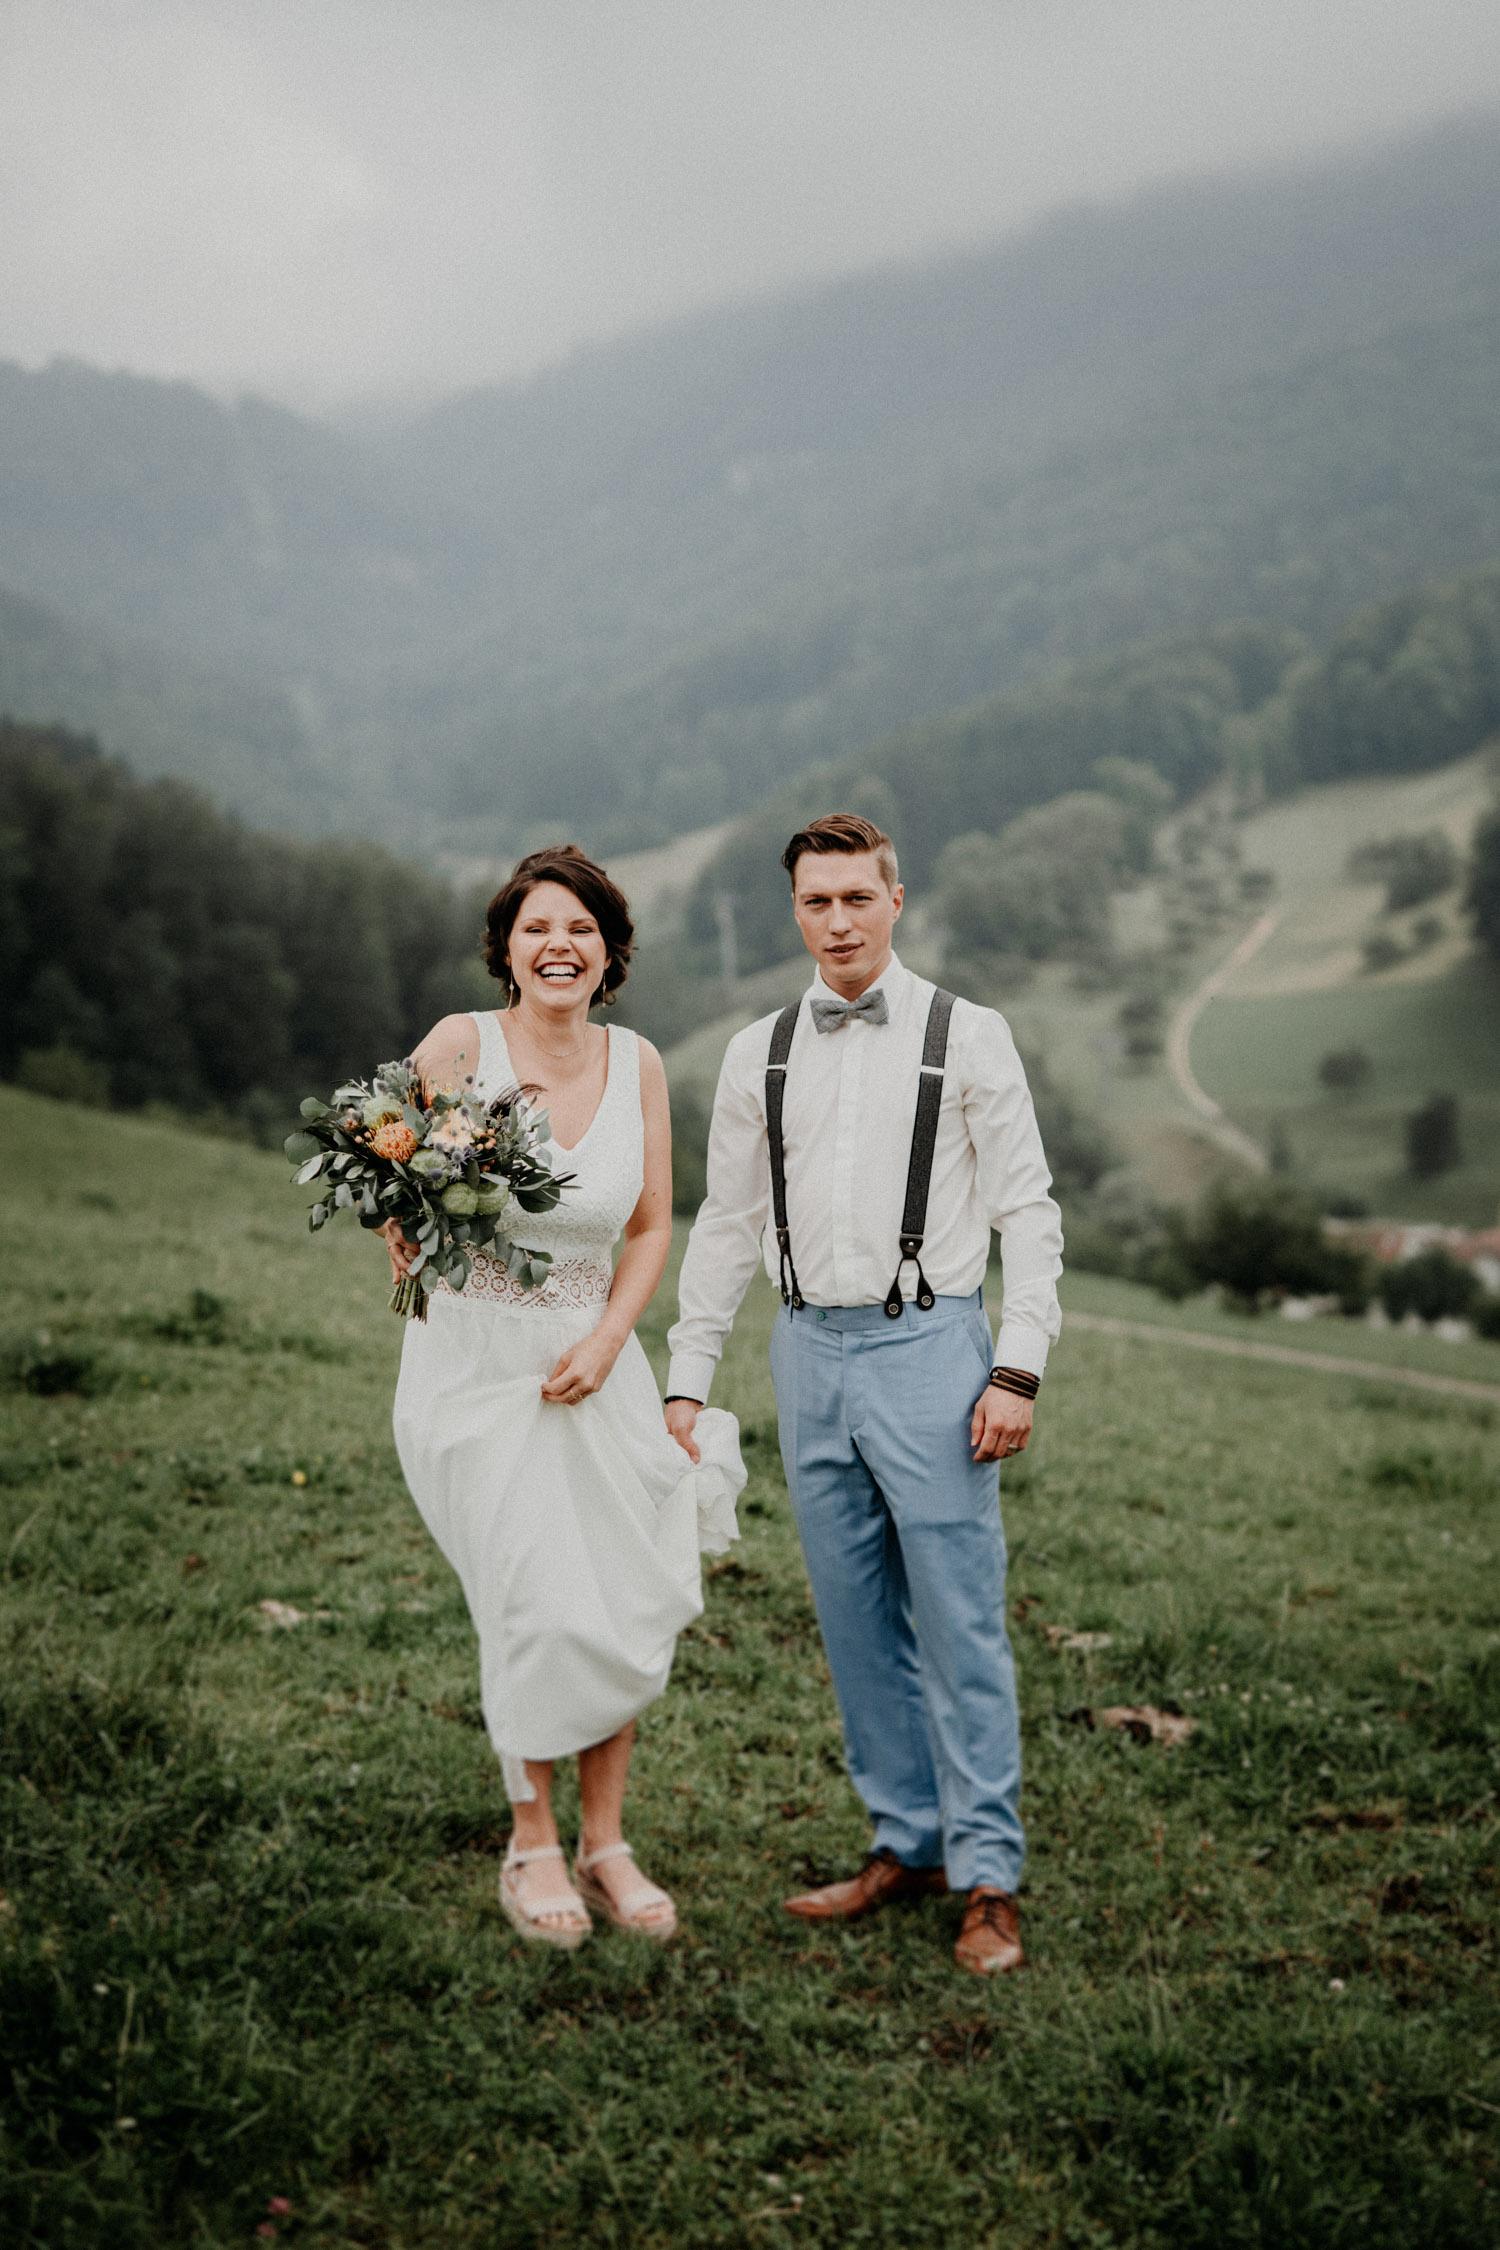 Industrial Vintage Hochzeit in Basel Hochzeitsfotografin Schweiz Hof Hoggen Reigoldswil Bauernhofhochzeit Brautpaarshooting Berge natürlich ungestellt emotional